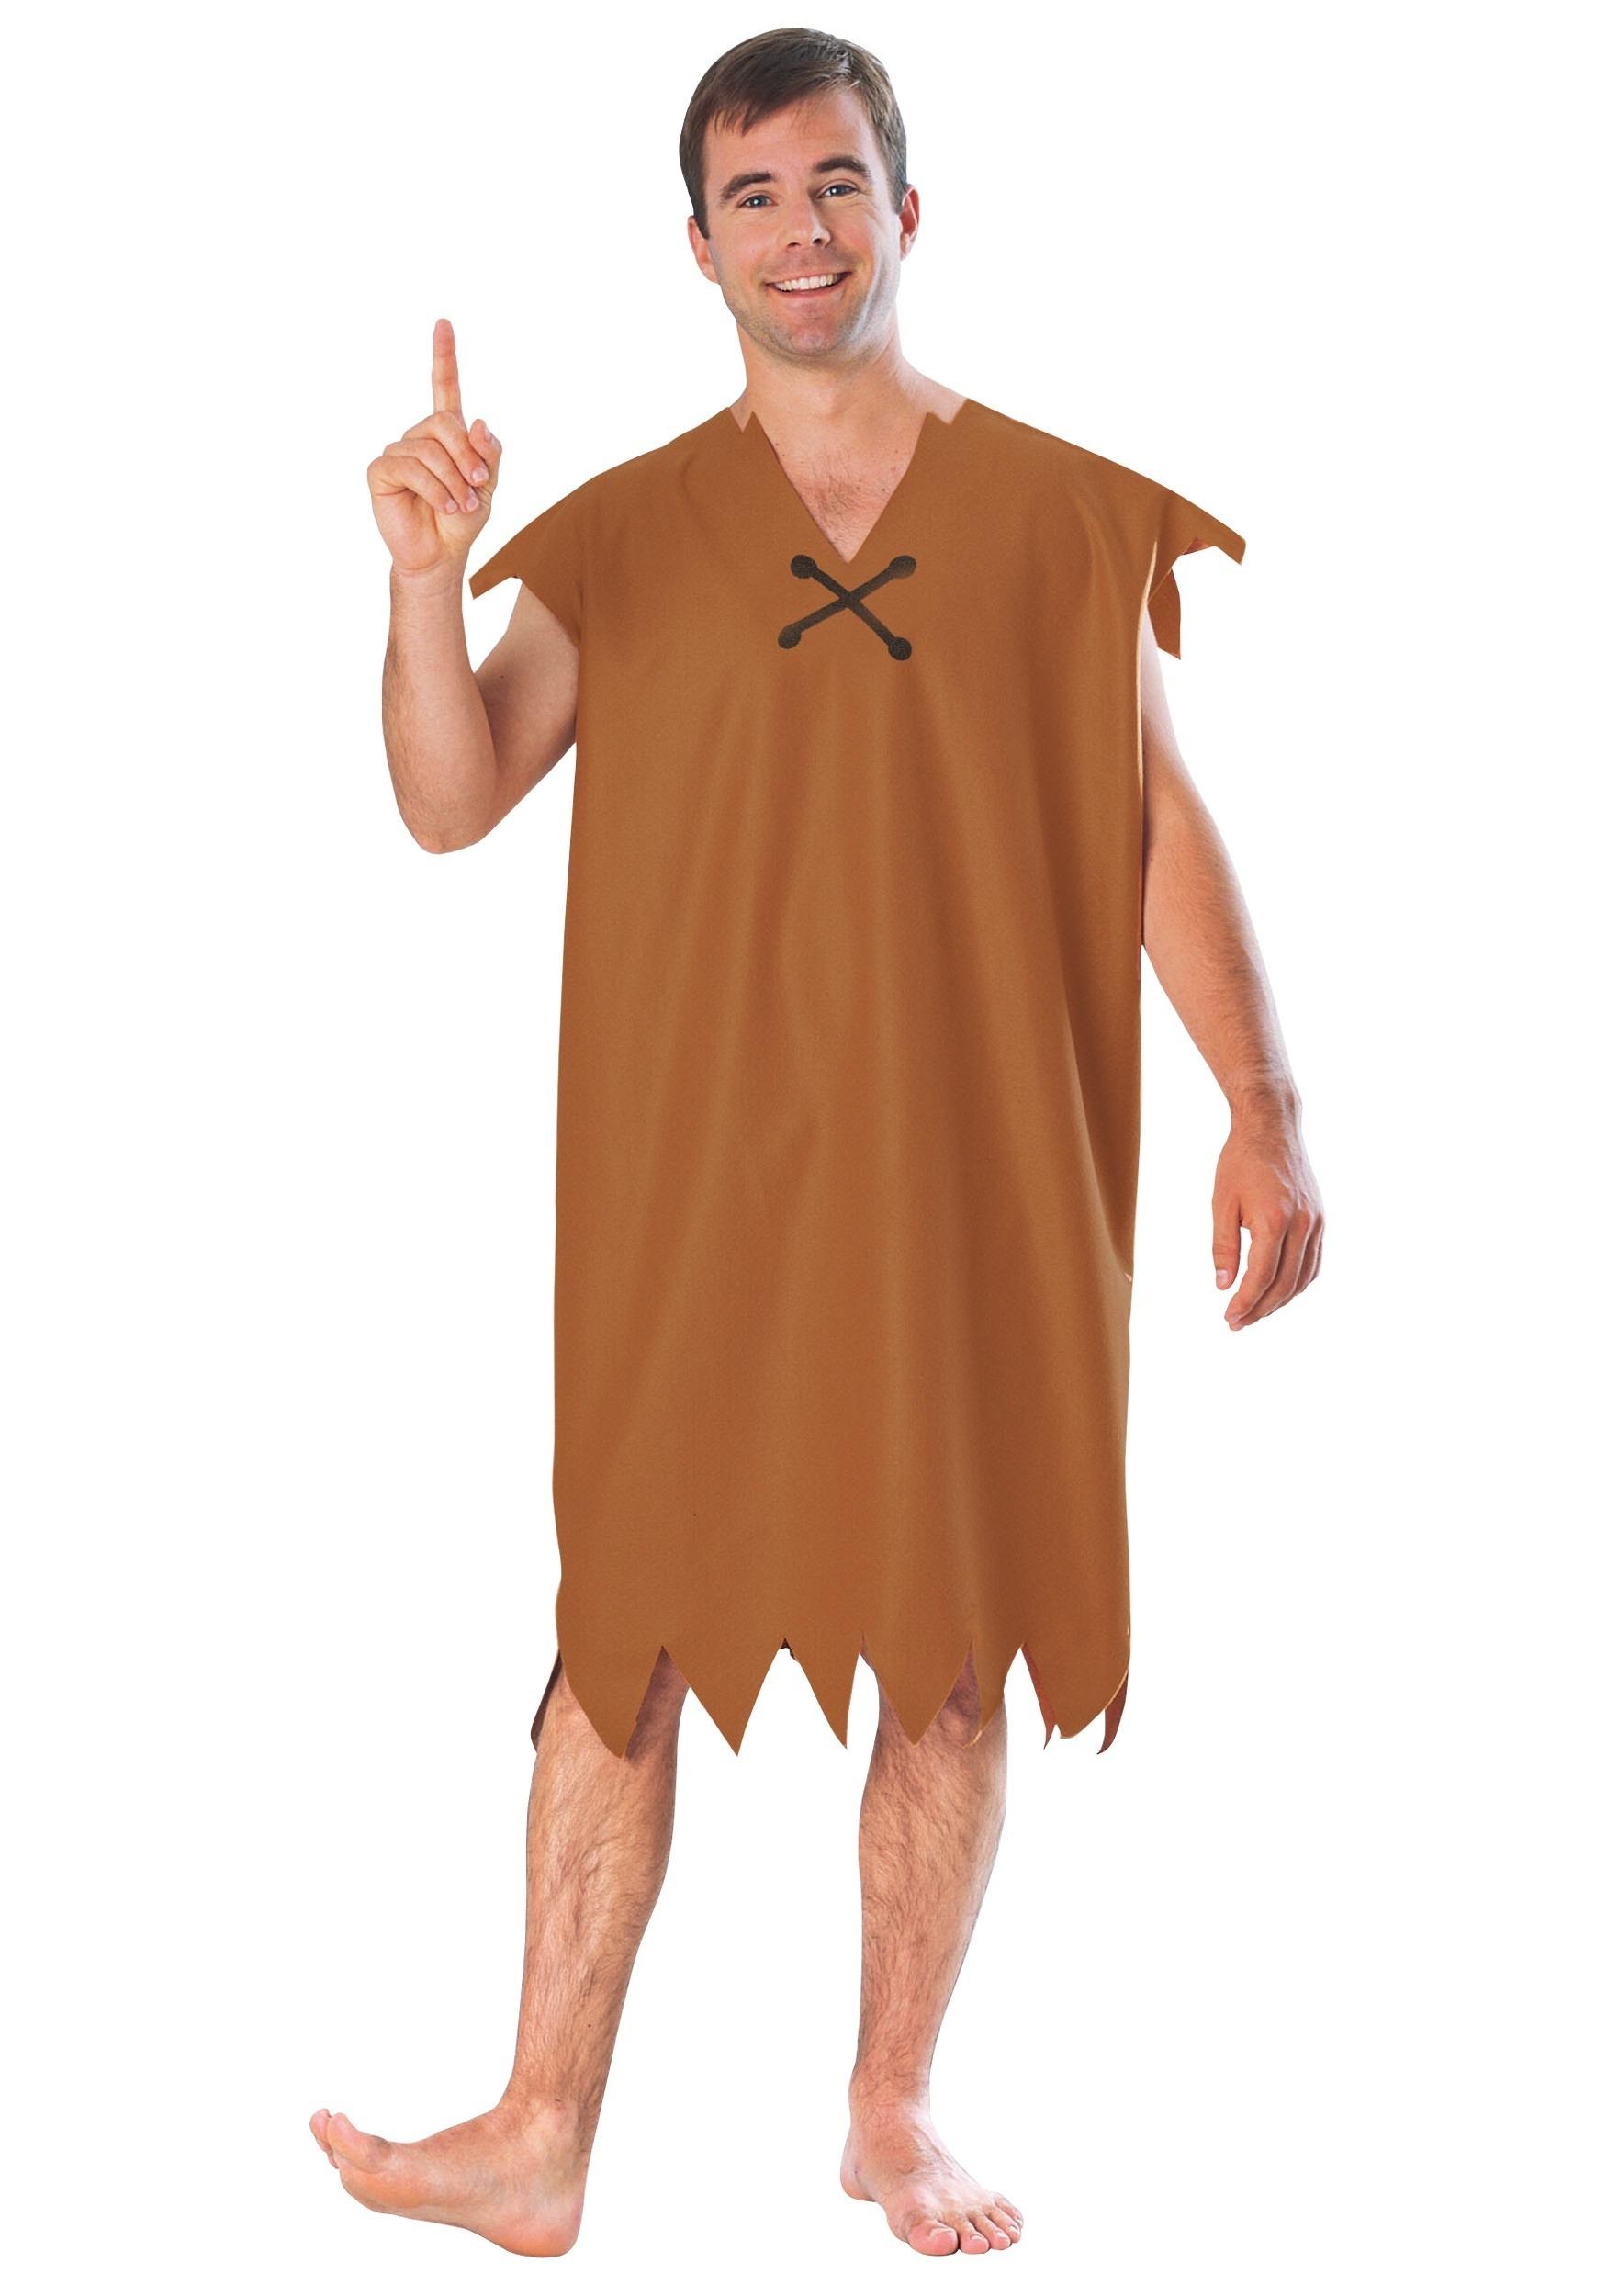 Barney Rubble Costume for Men